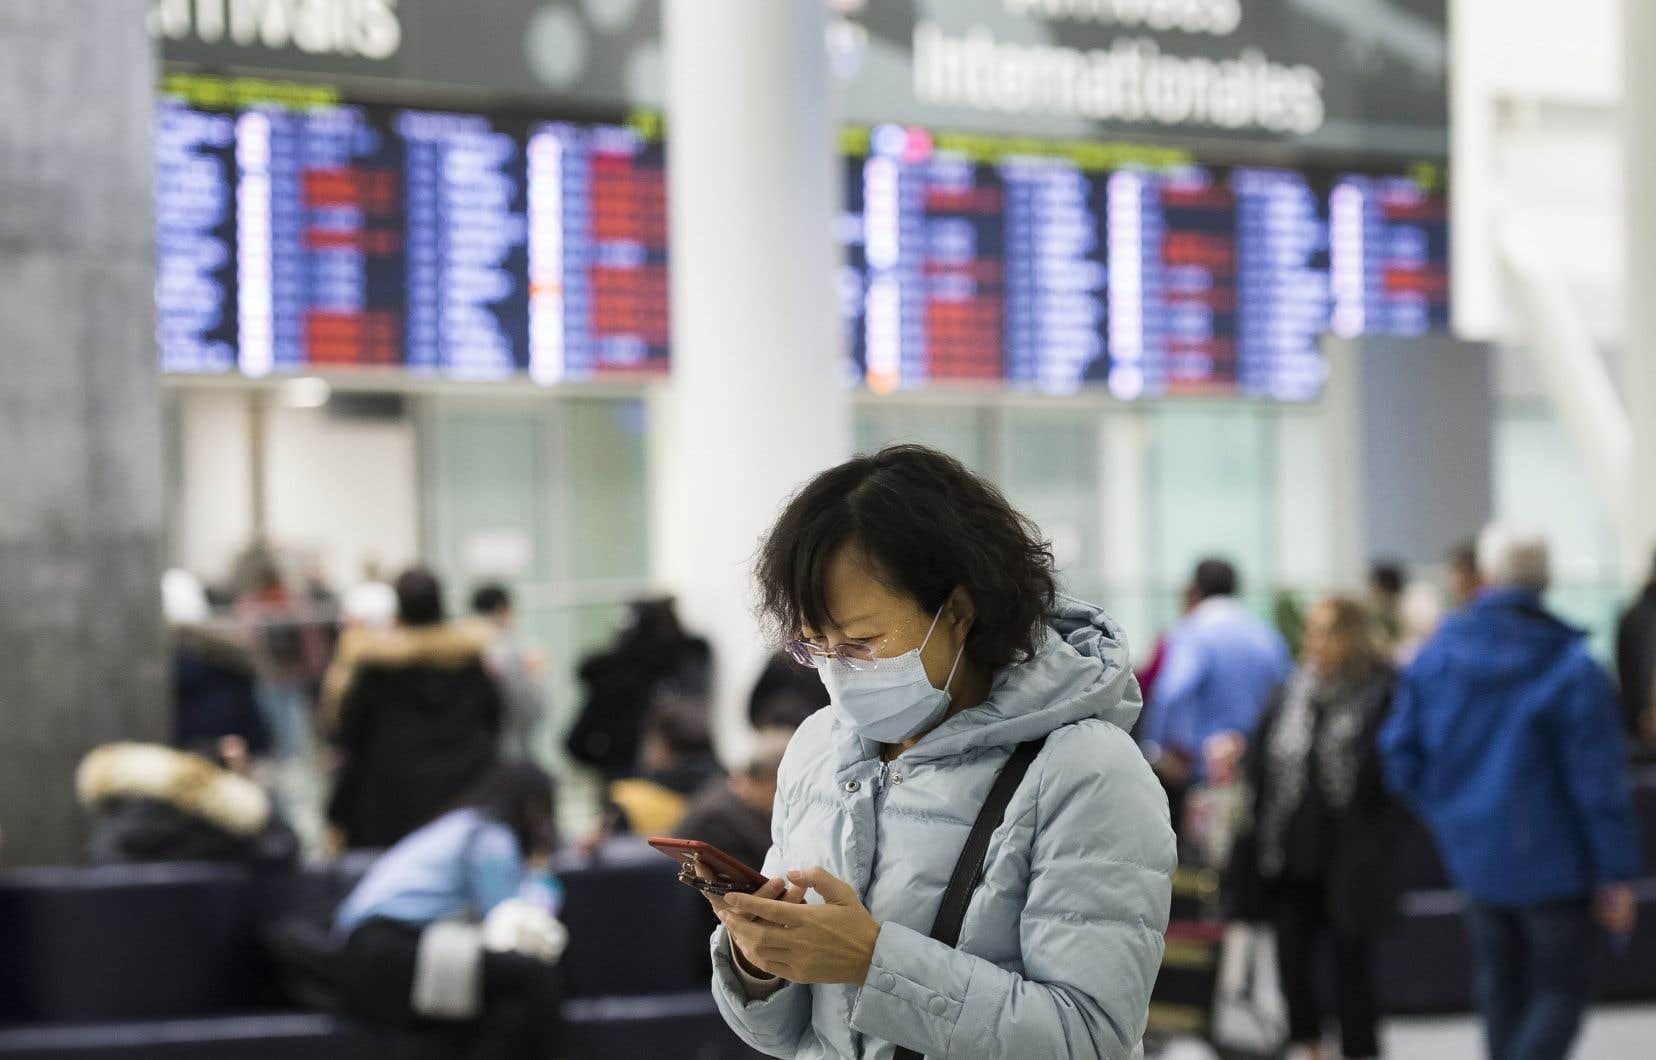 Un grand nombre de voyageurs portaient des masques à l'aéroport Pearson de Toronto, dimanche, pour se protéger du coronavirus chinois.